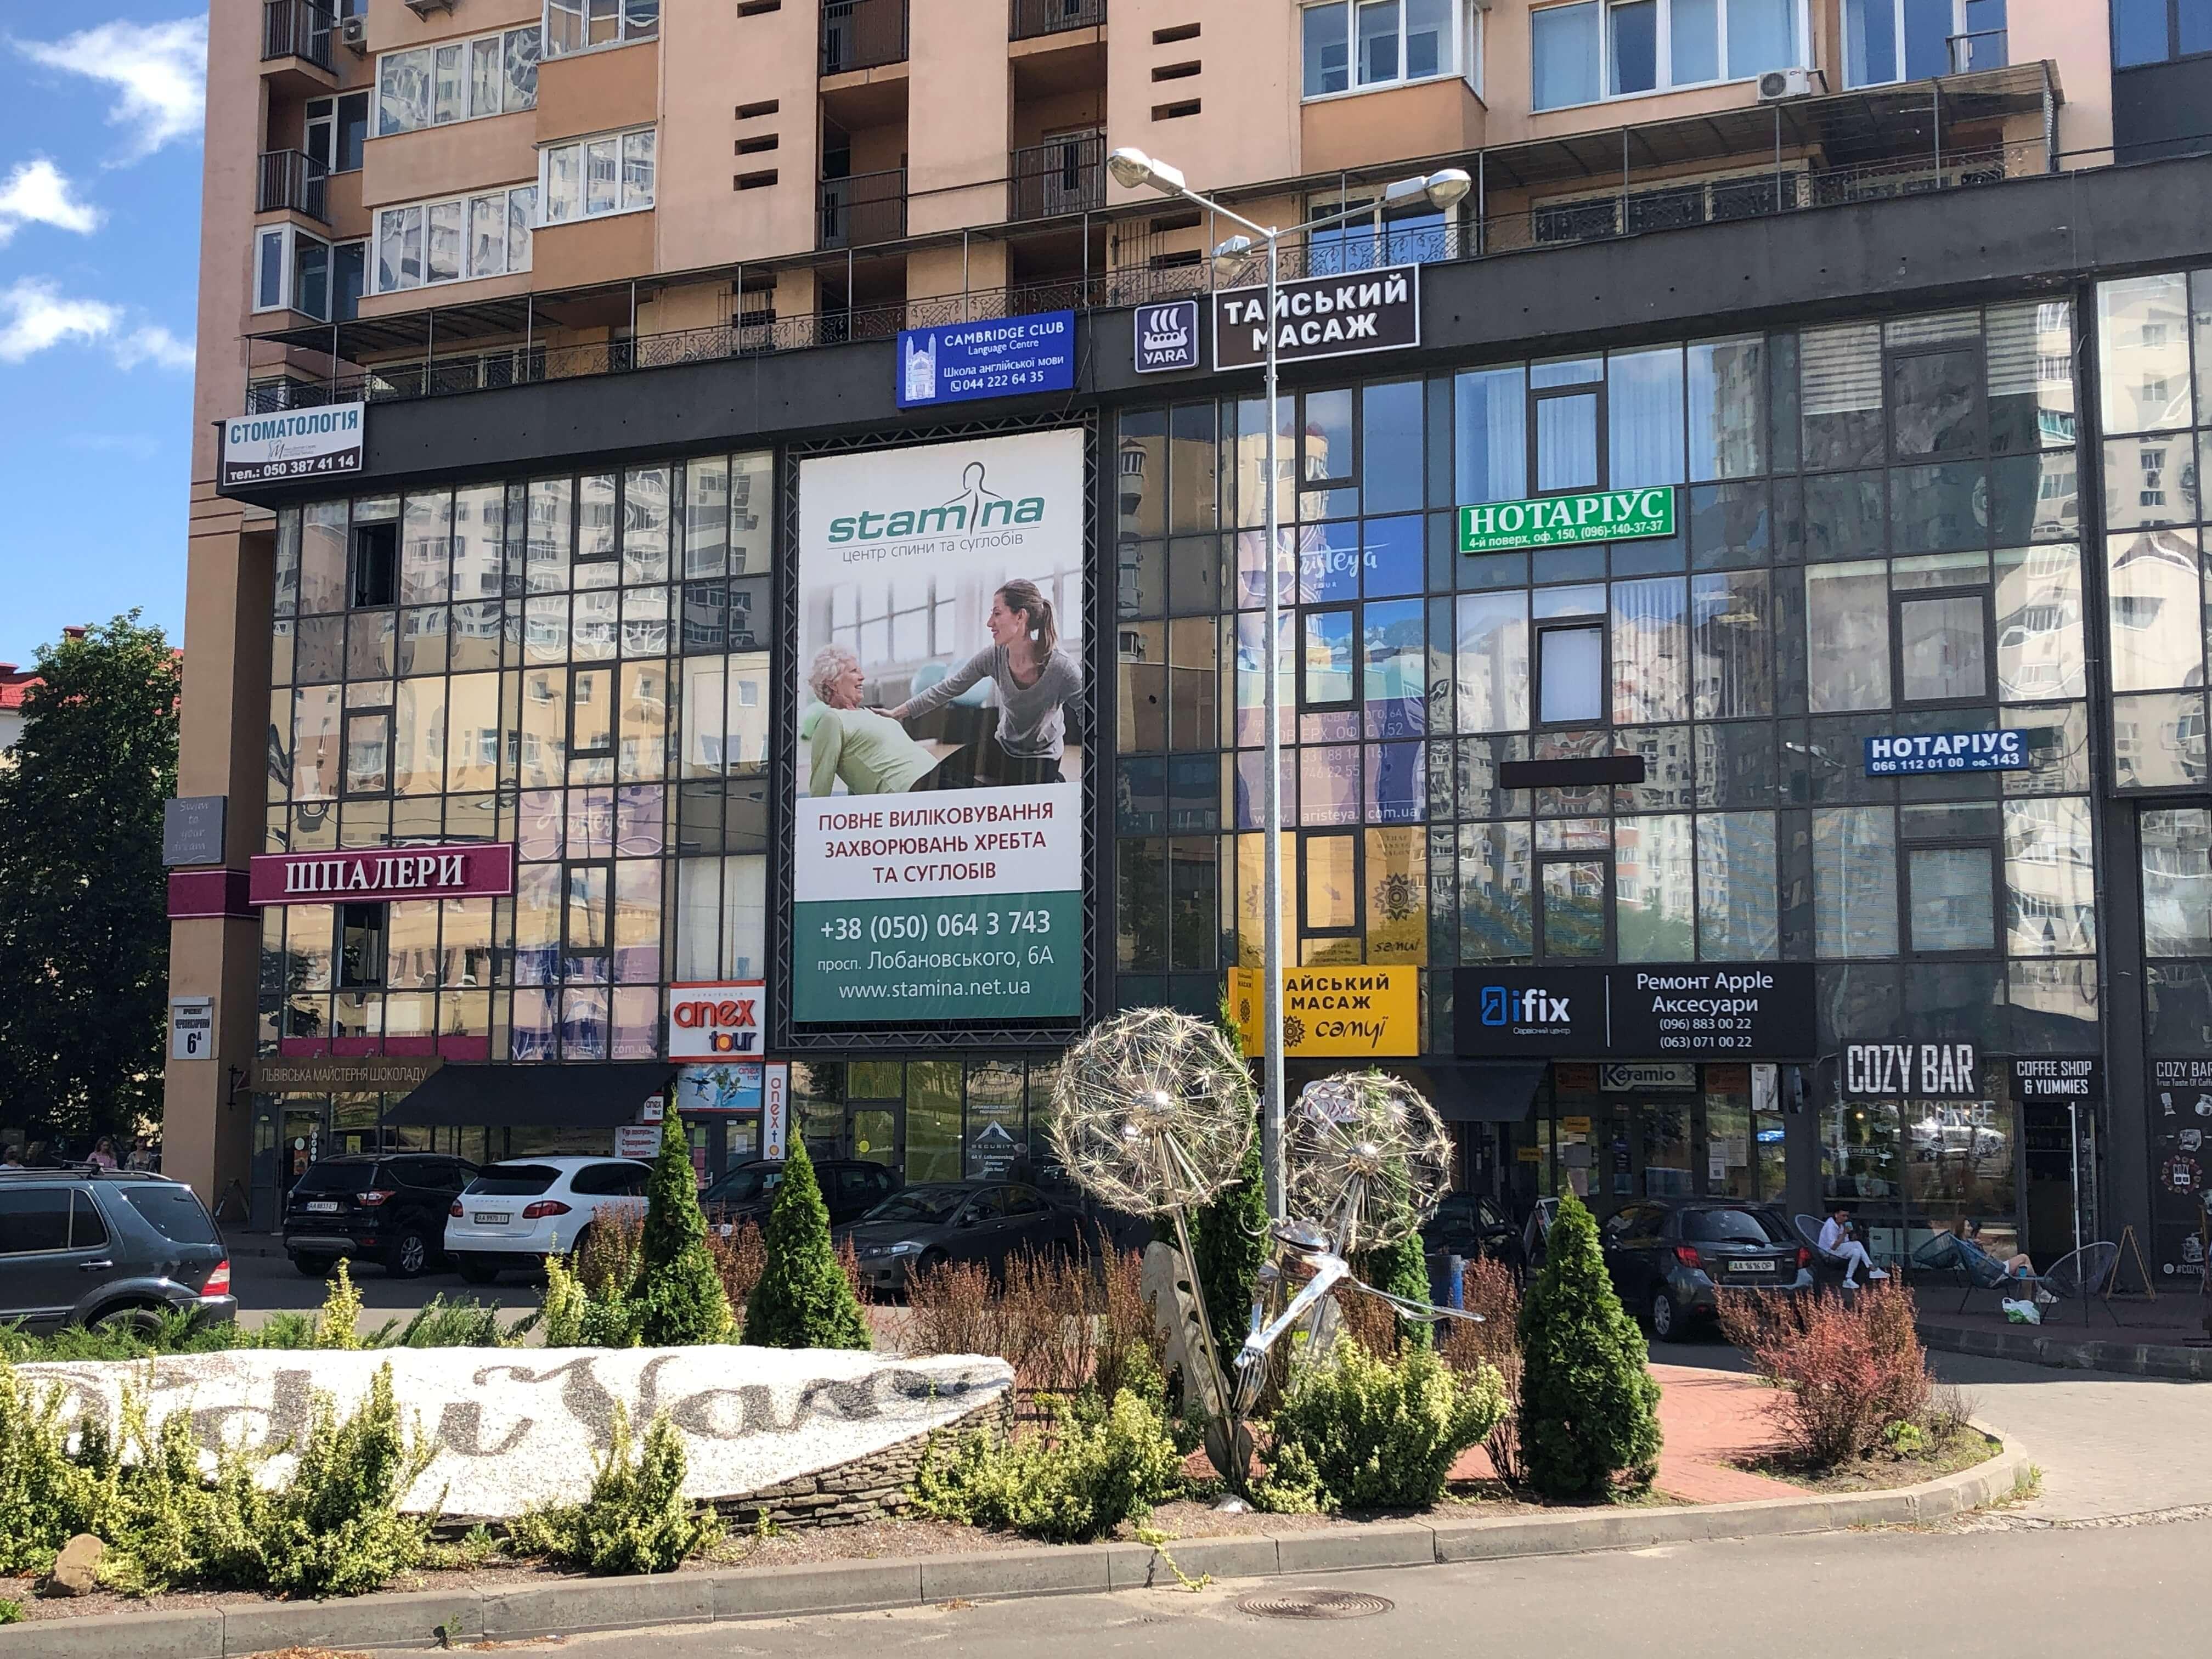 Ремонт iPhone на Севастопольской площади